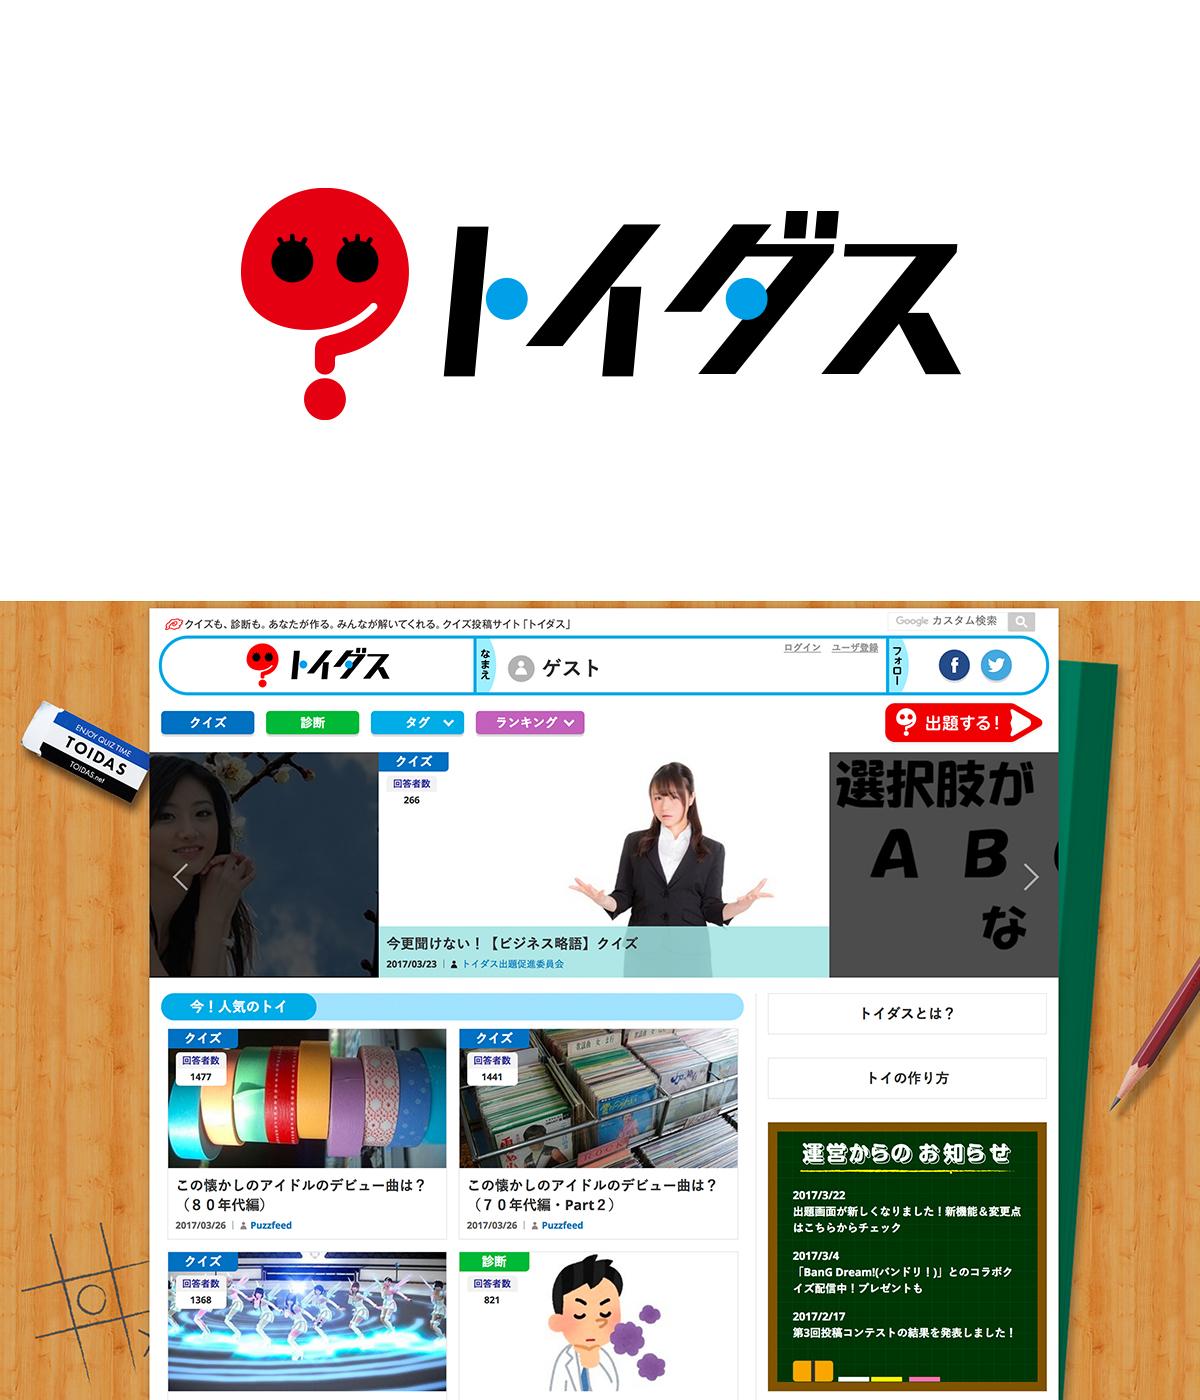 トイダスリリース_01.jpg